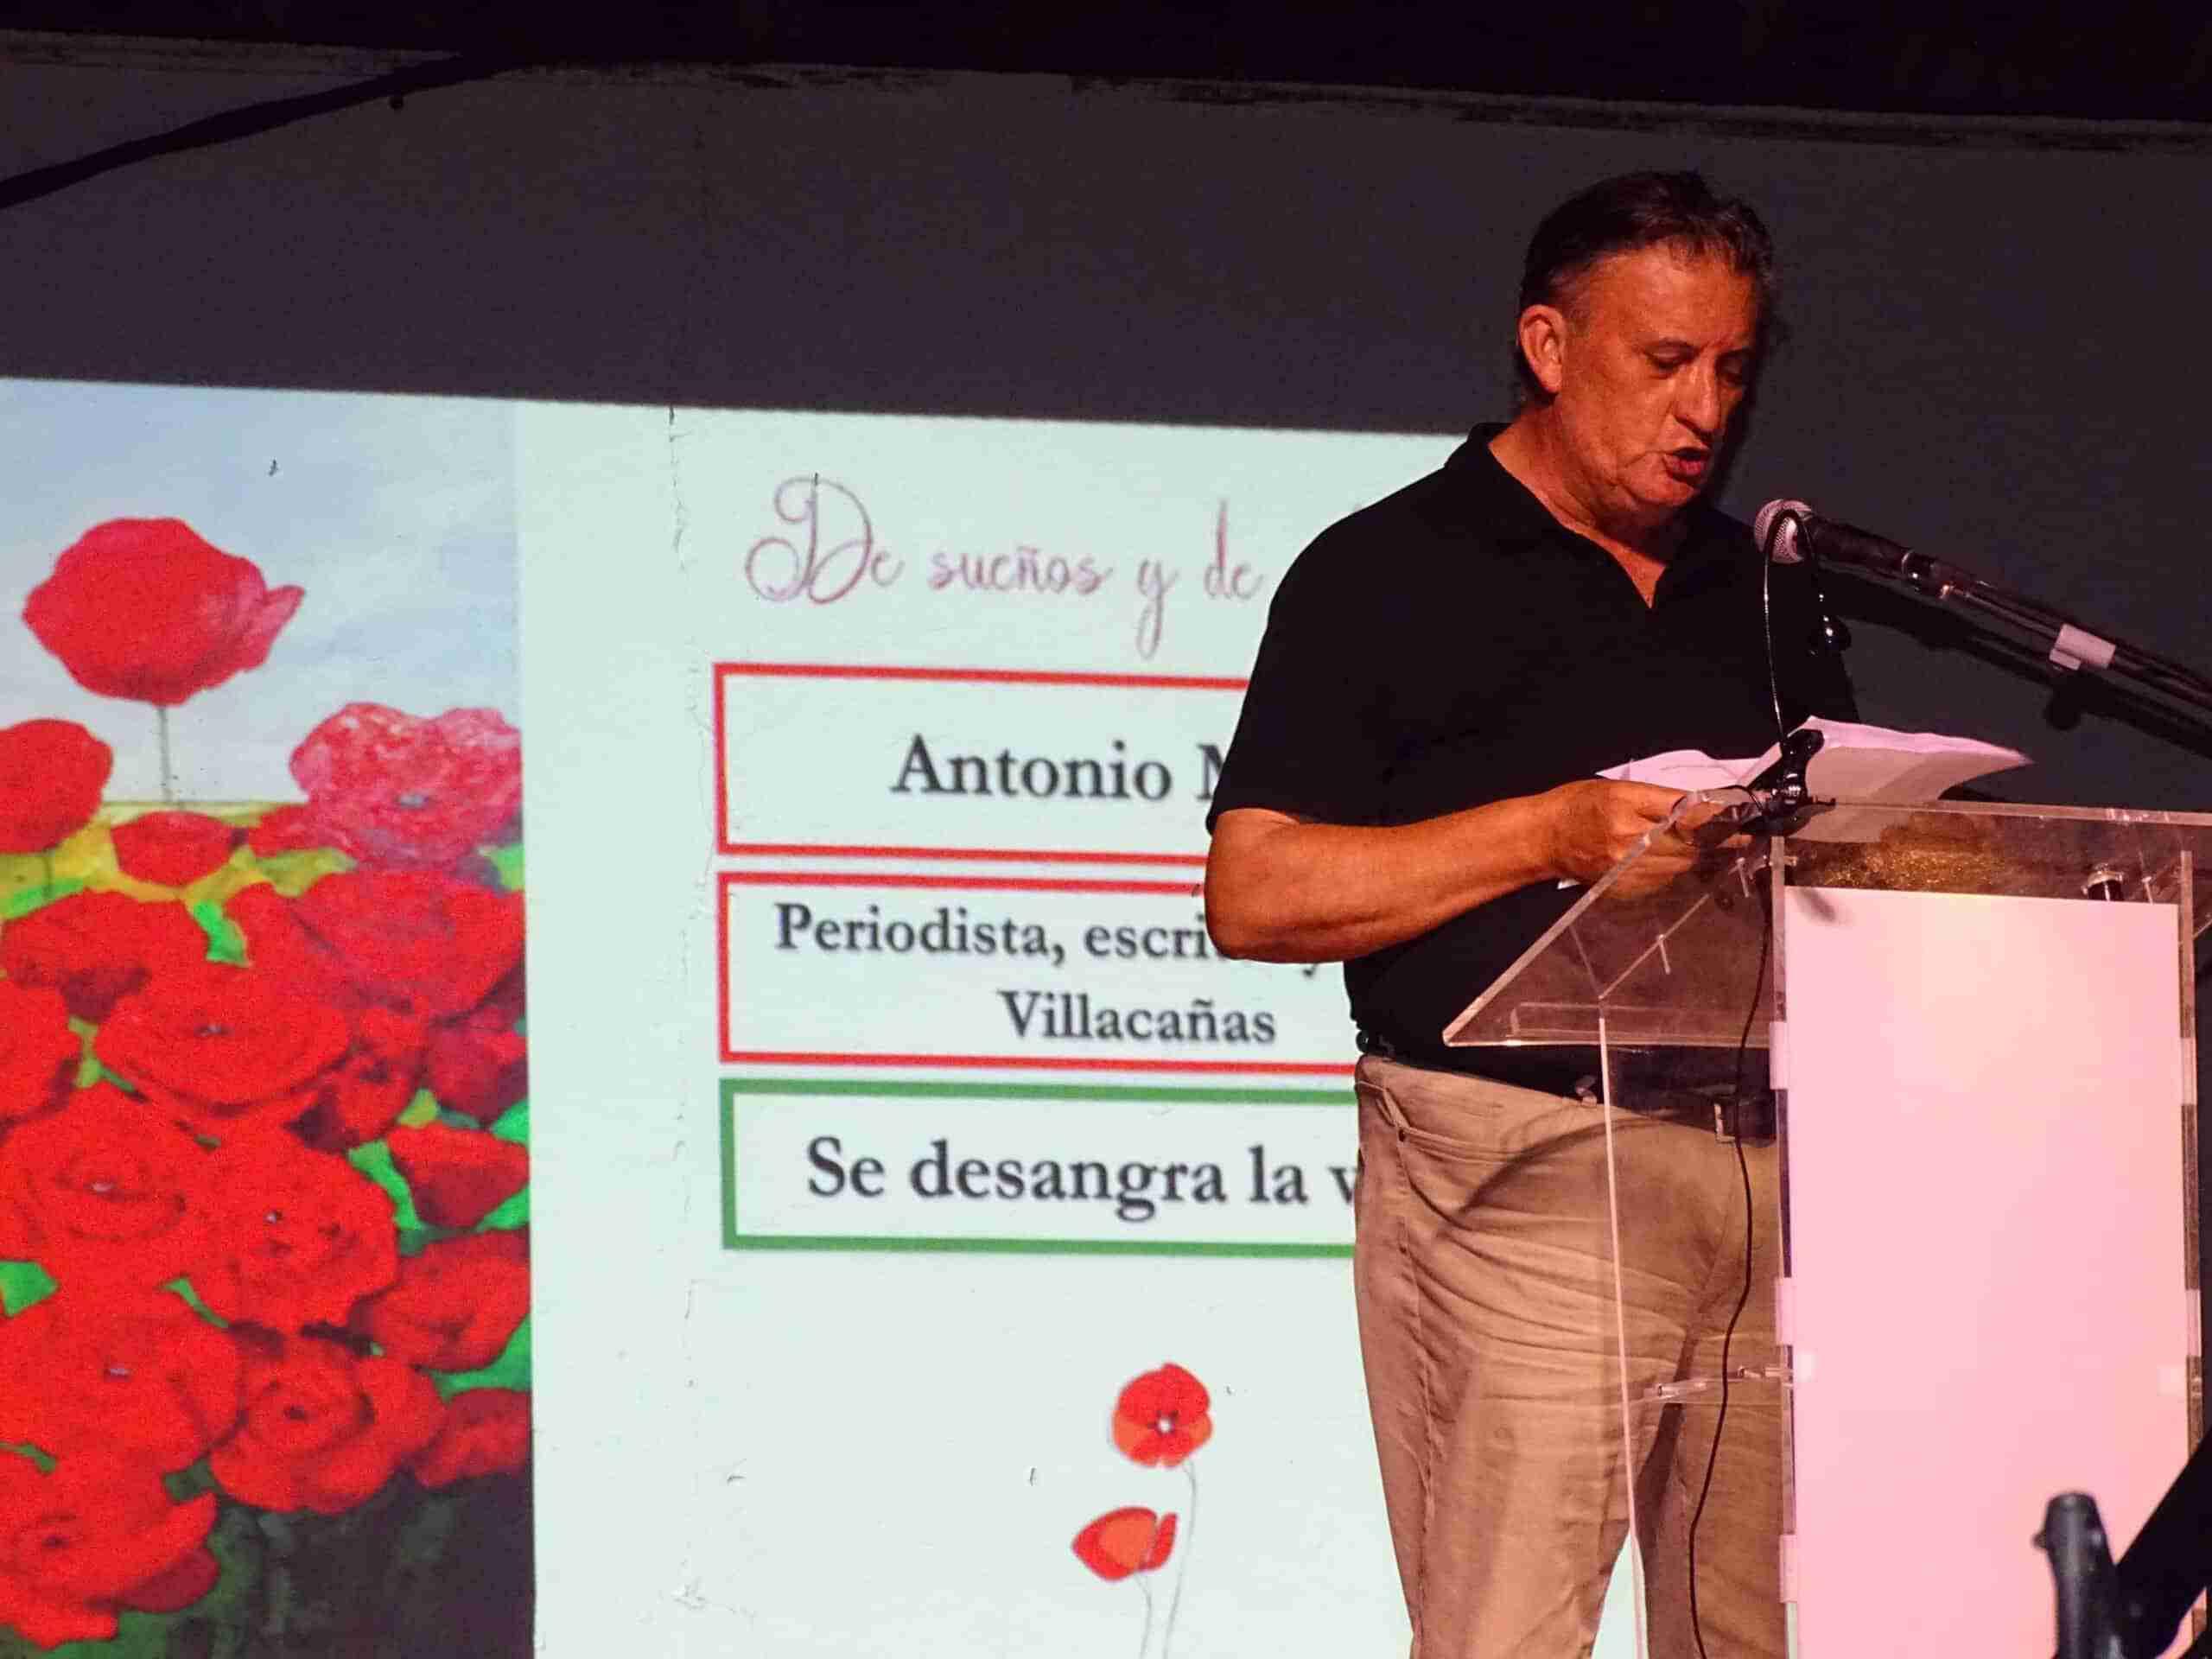 Noche mágica de poesía y pintura con las amapolas como protagonistas 43